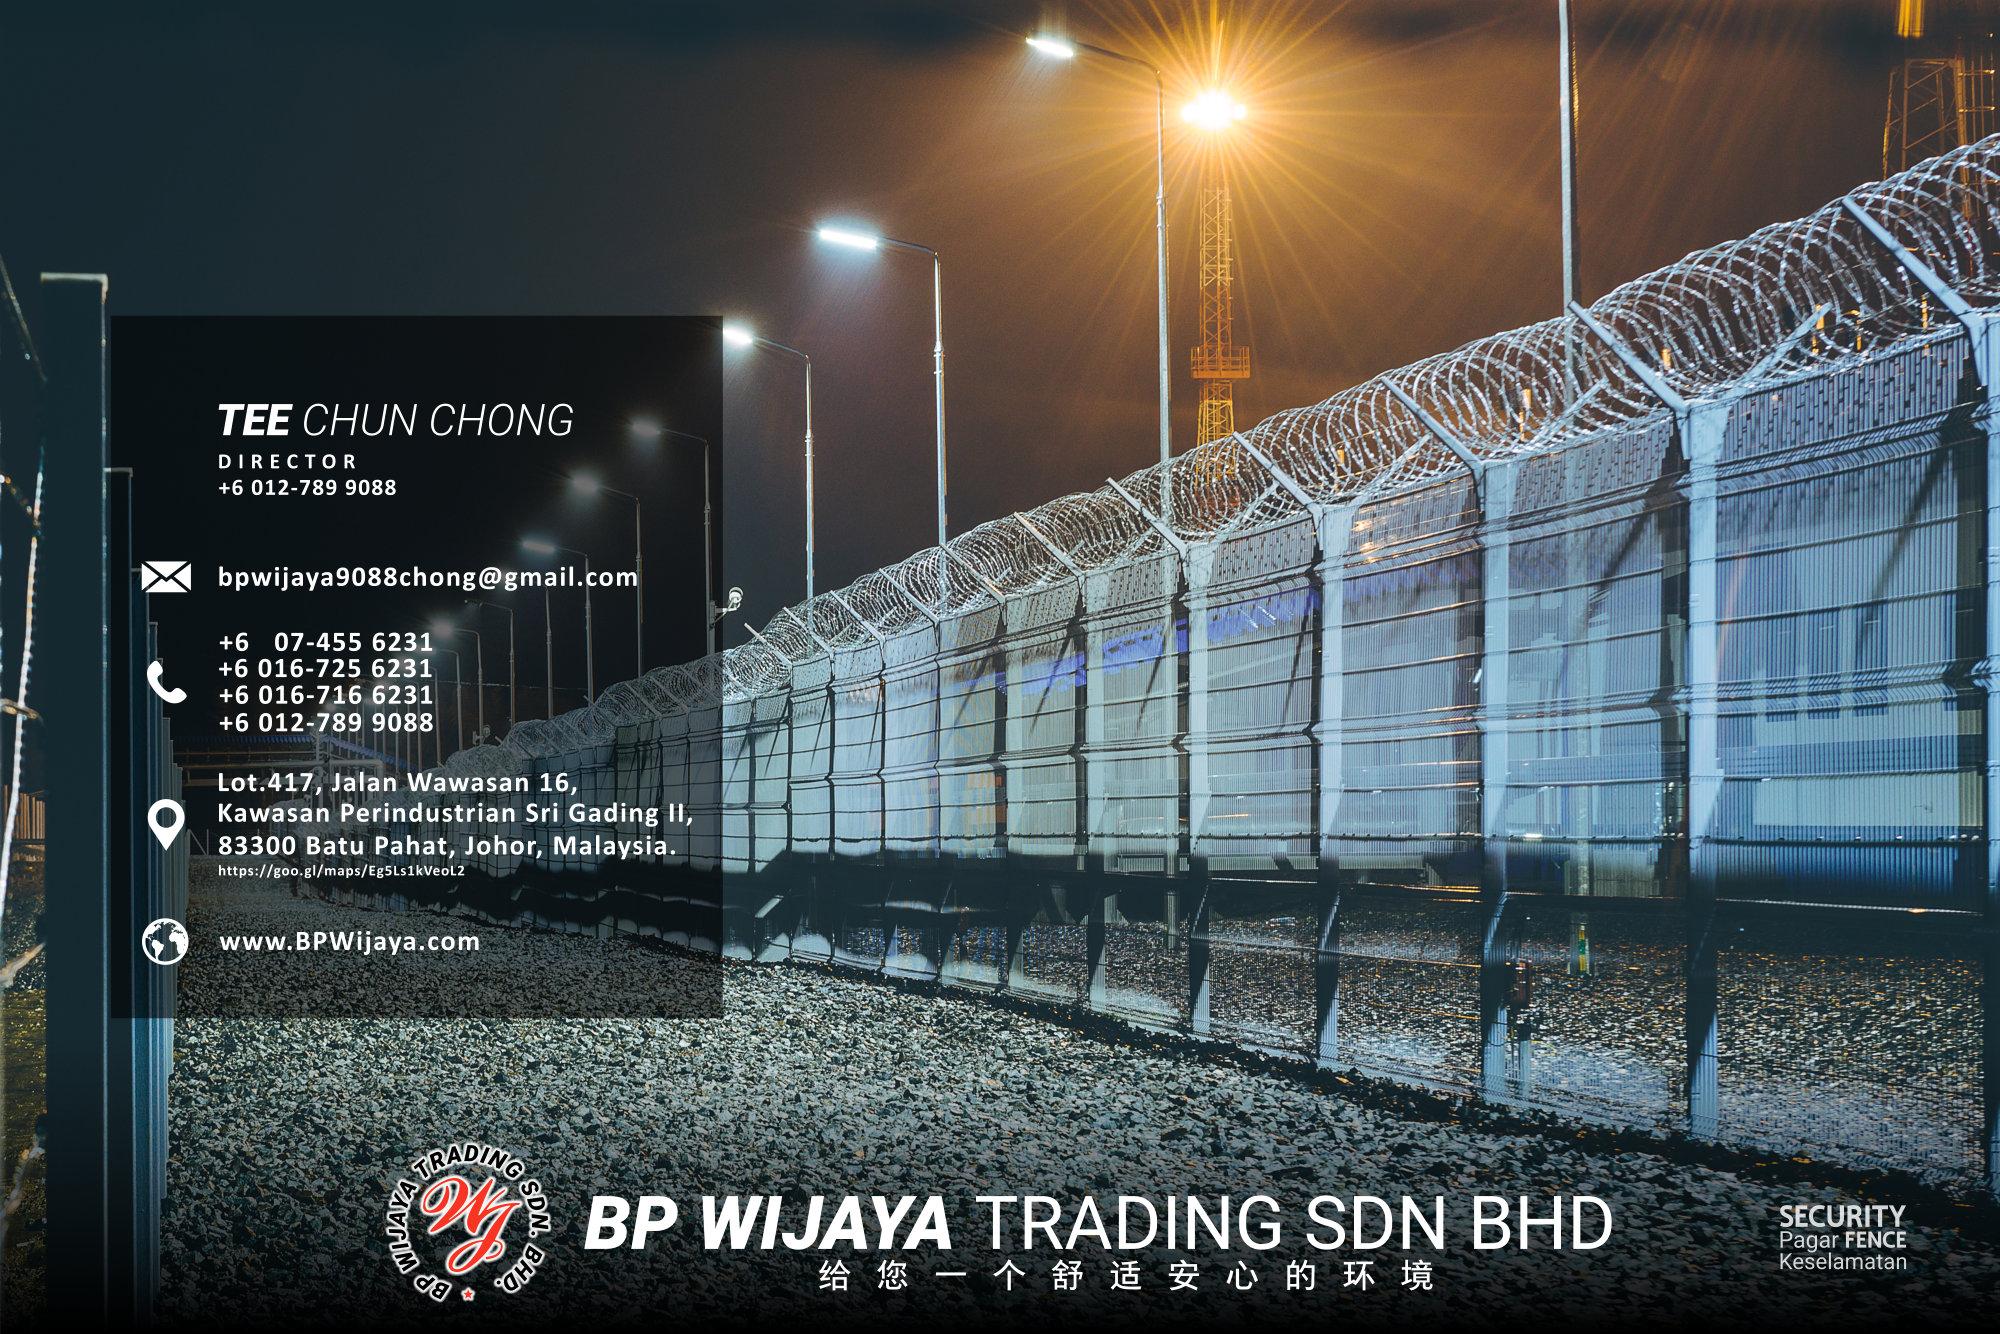 吉隆坡安全篱笆供应商 - 我们是安全篱笆制造商 BP Wijaya Trading Sdn Bhd 住家围栏篱笆 提供 吉隆坡篱笆 建筑材料 给 发展商 花园 公寓 住家 工厂 农场 果园 安全藩篱 建设 A03-029